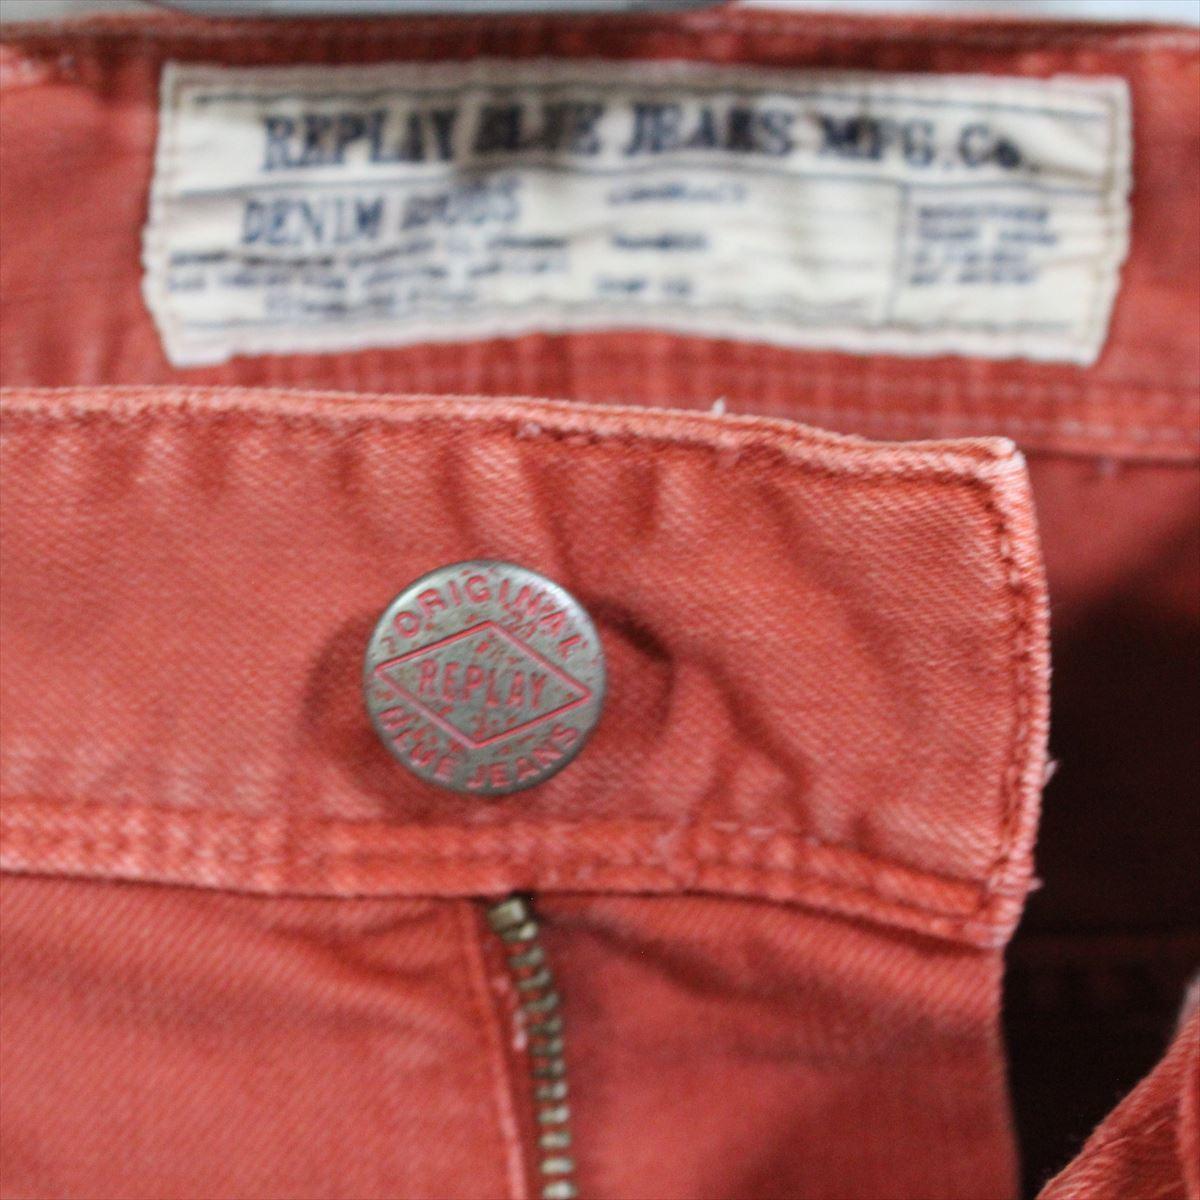 リプレイ REPLAY メンズカラーパンツ ジーンズ デニムパンツ SLIM レンガ色 29インチ 新品 REPLAY BLUE JEANS anbass slim jeans_画像3